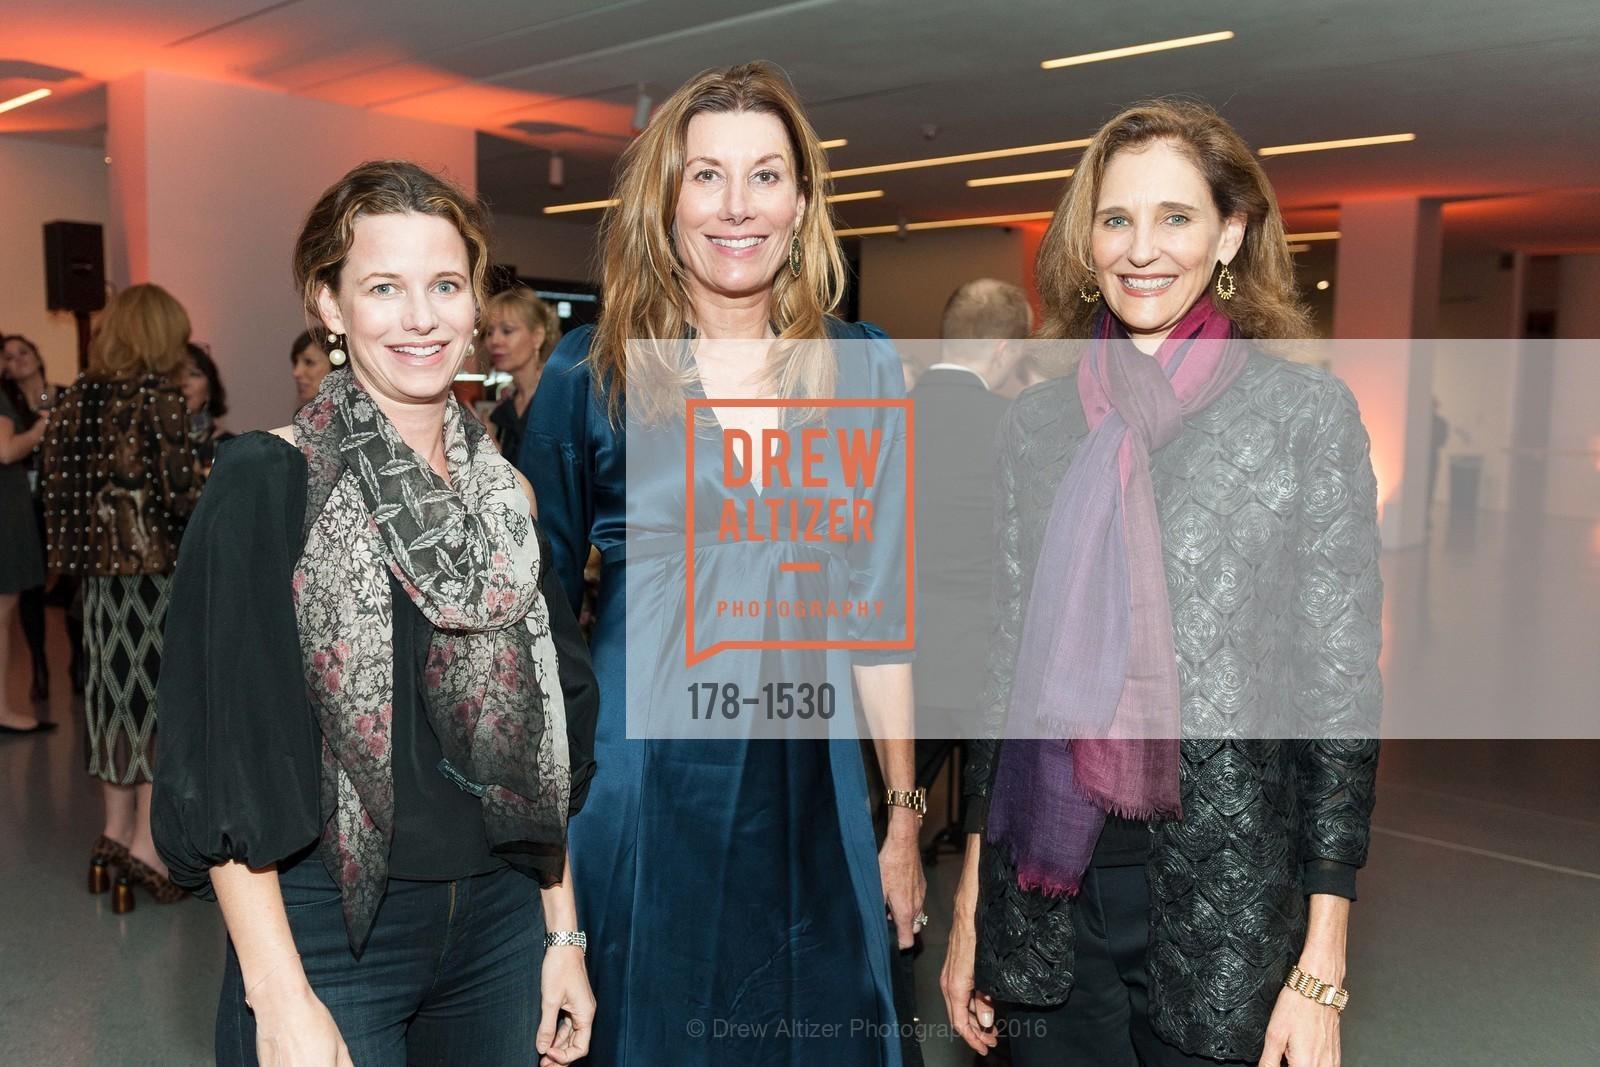 Lindsay Bolton, Susan Dunlevy, Jennifer Biederbeck, Photo #178-1530